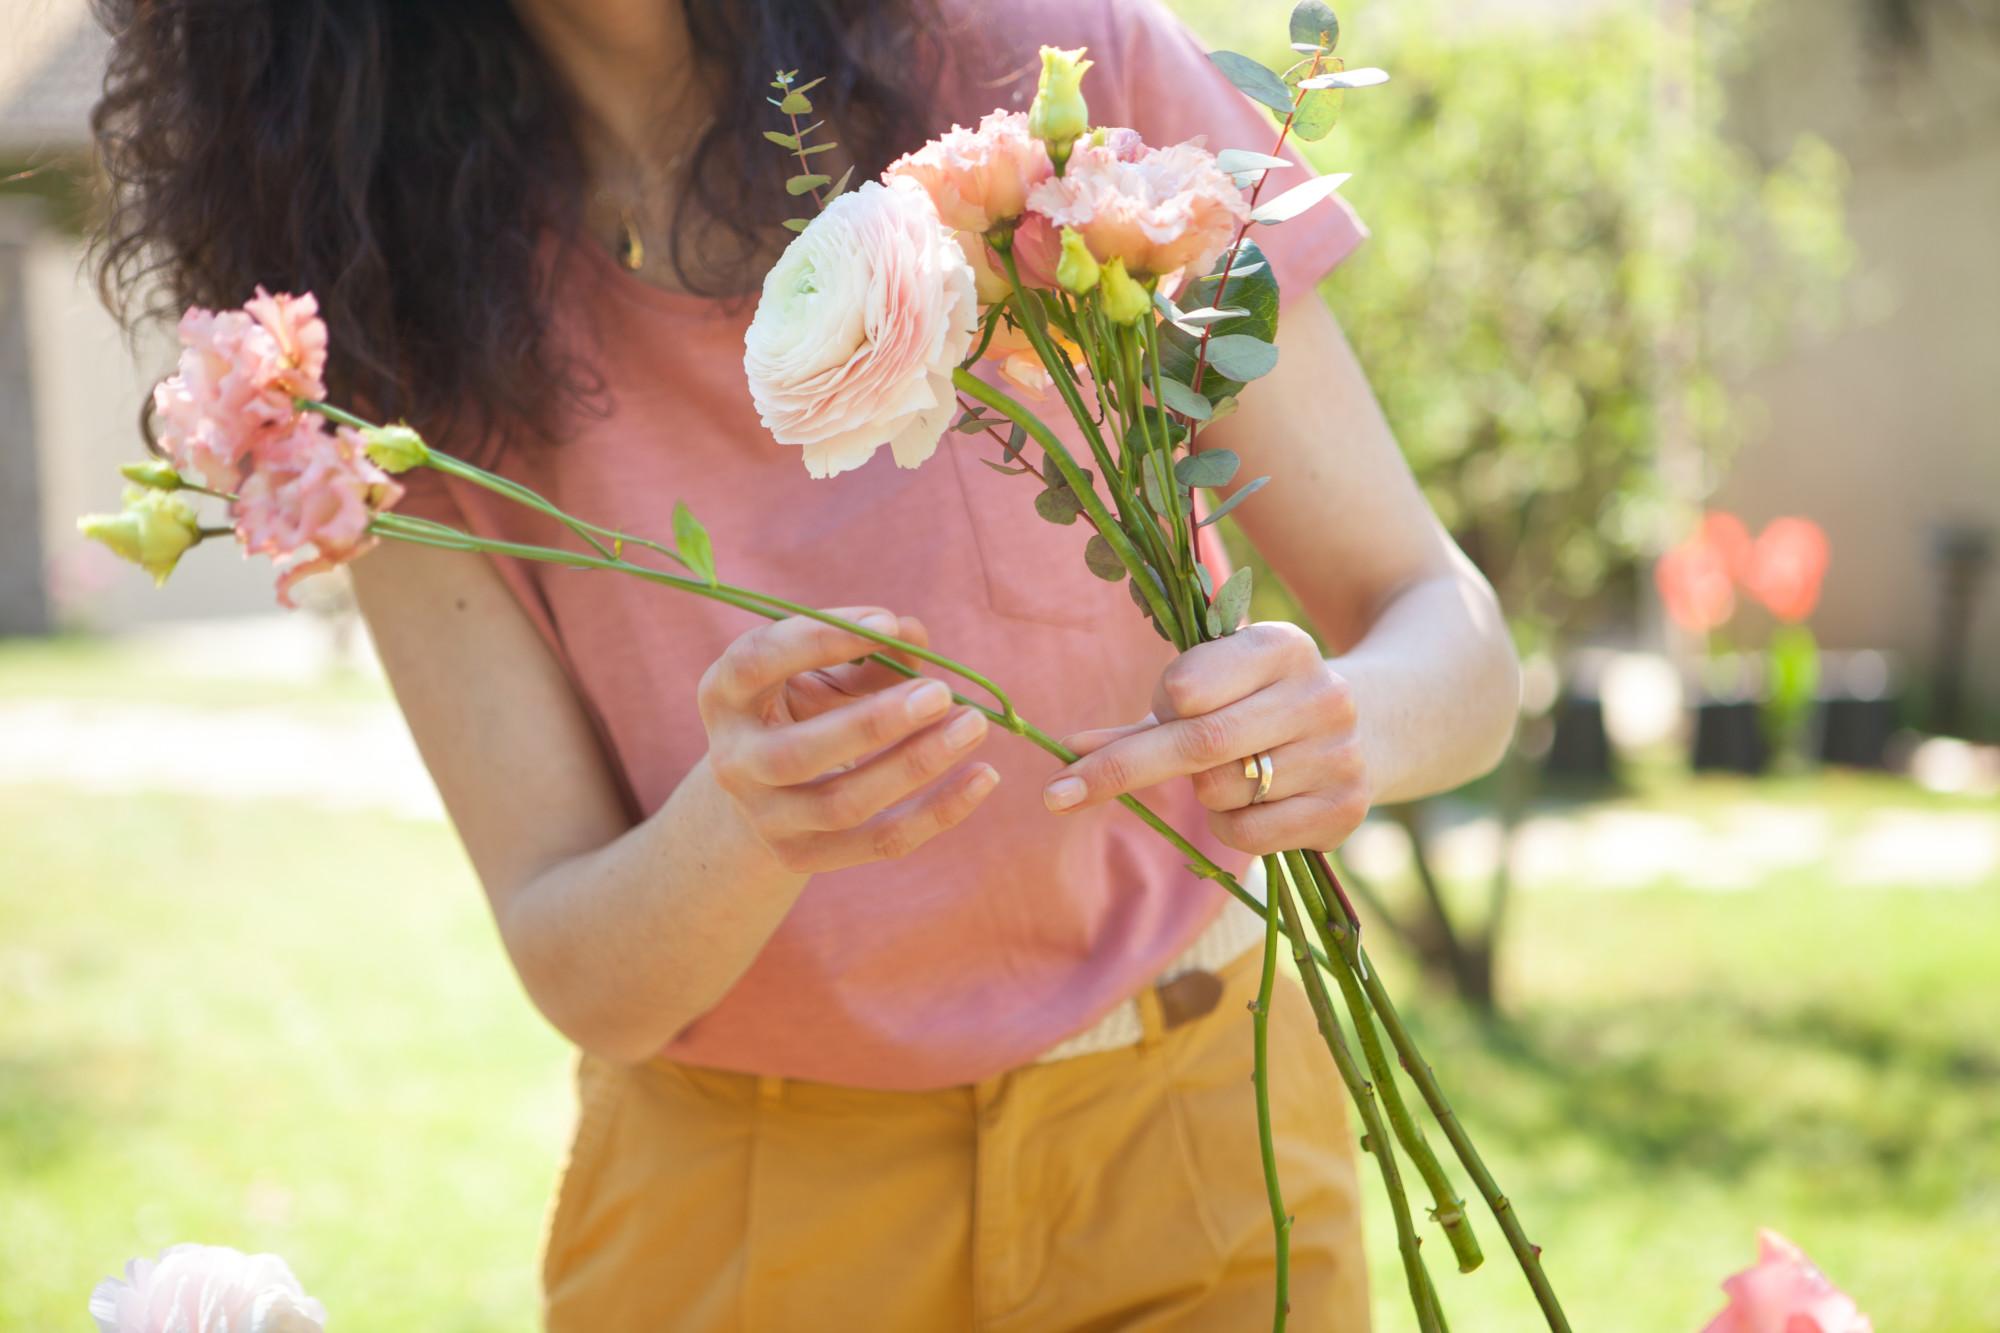 Fleuriste, mariage, atelier floral, décoratrice Ile de France, atelier, wedding designer